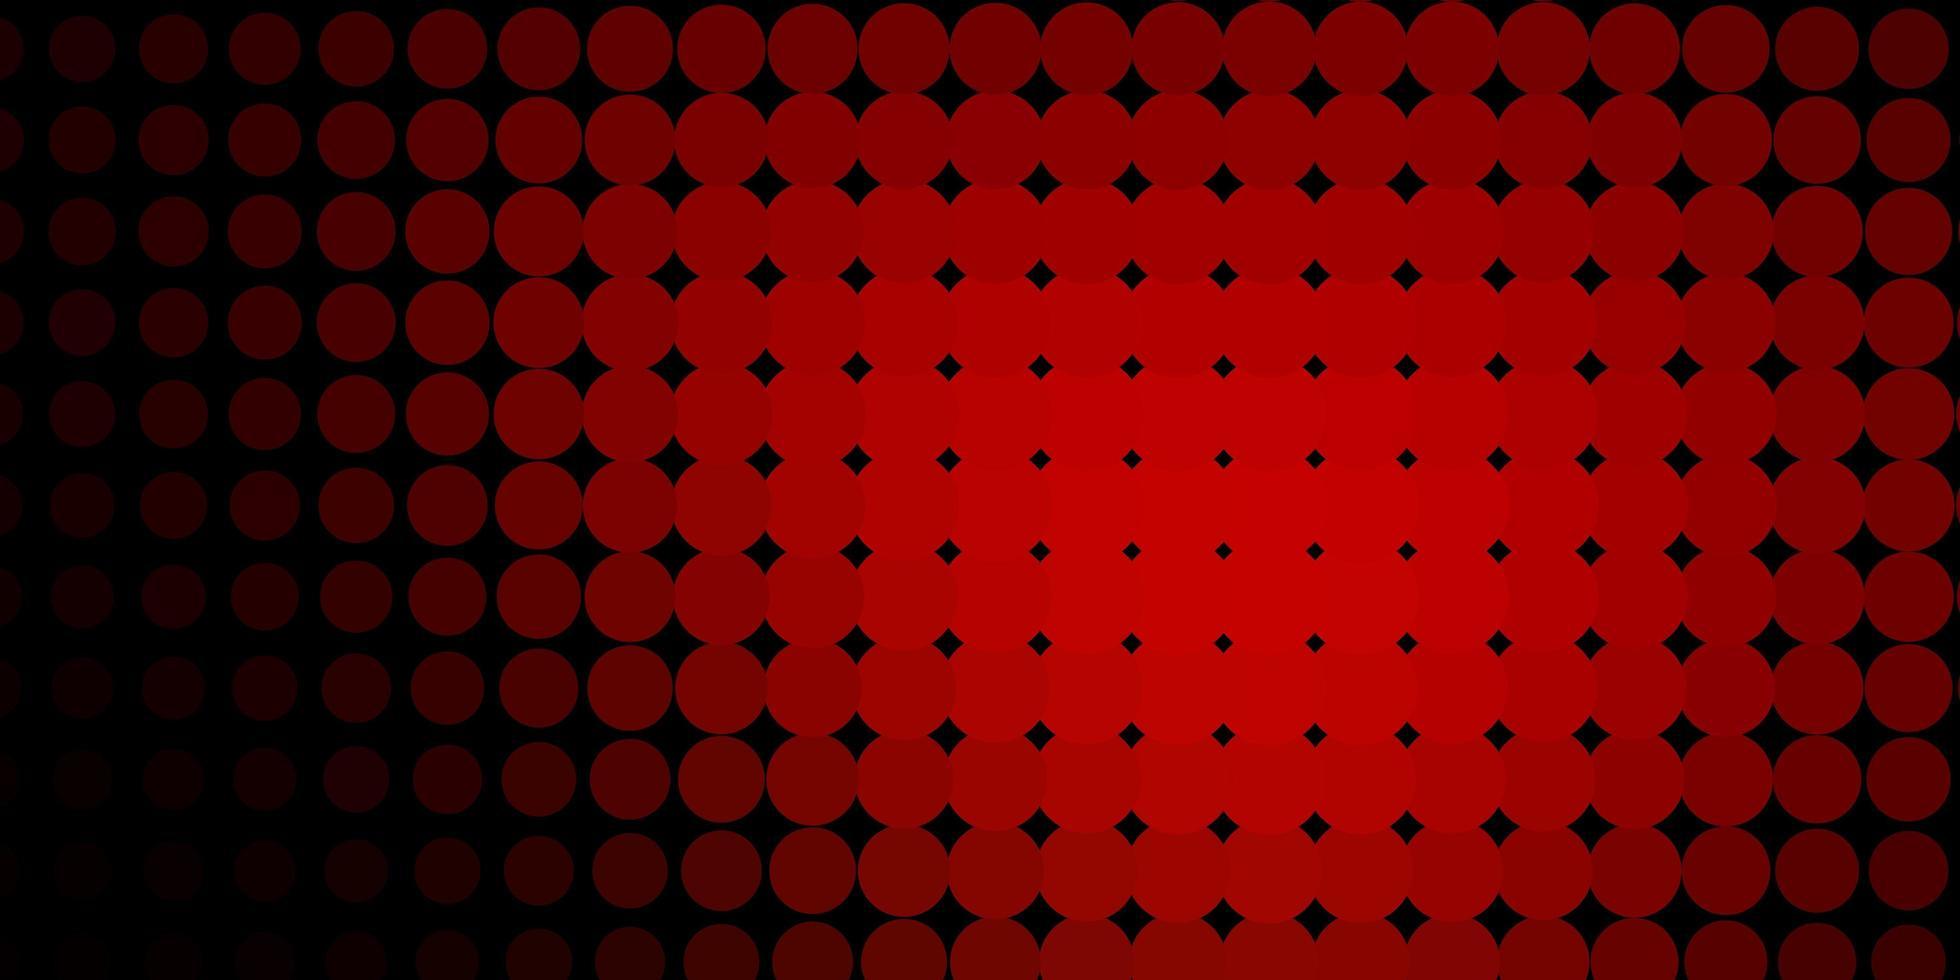 fundo vermelho escuro com círculos. vetor